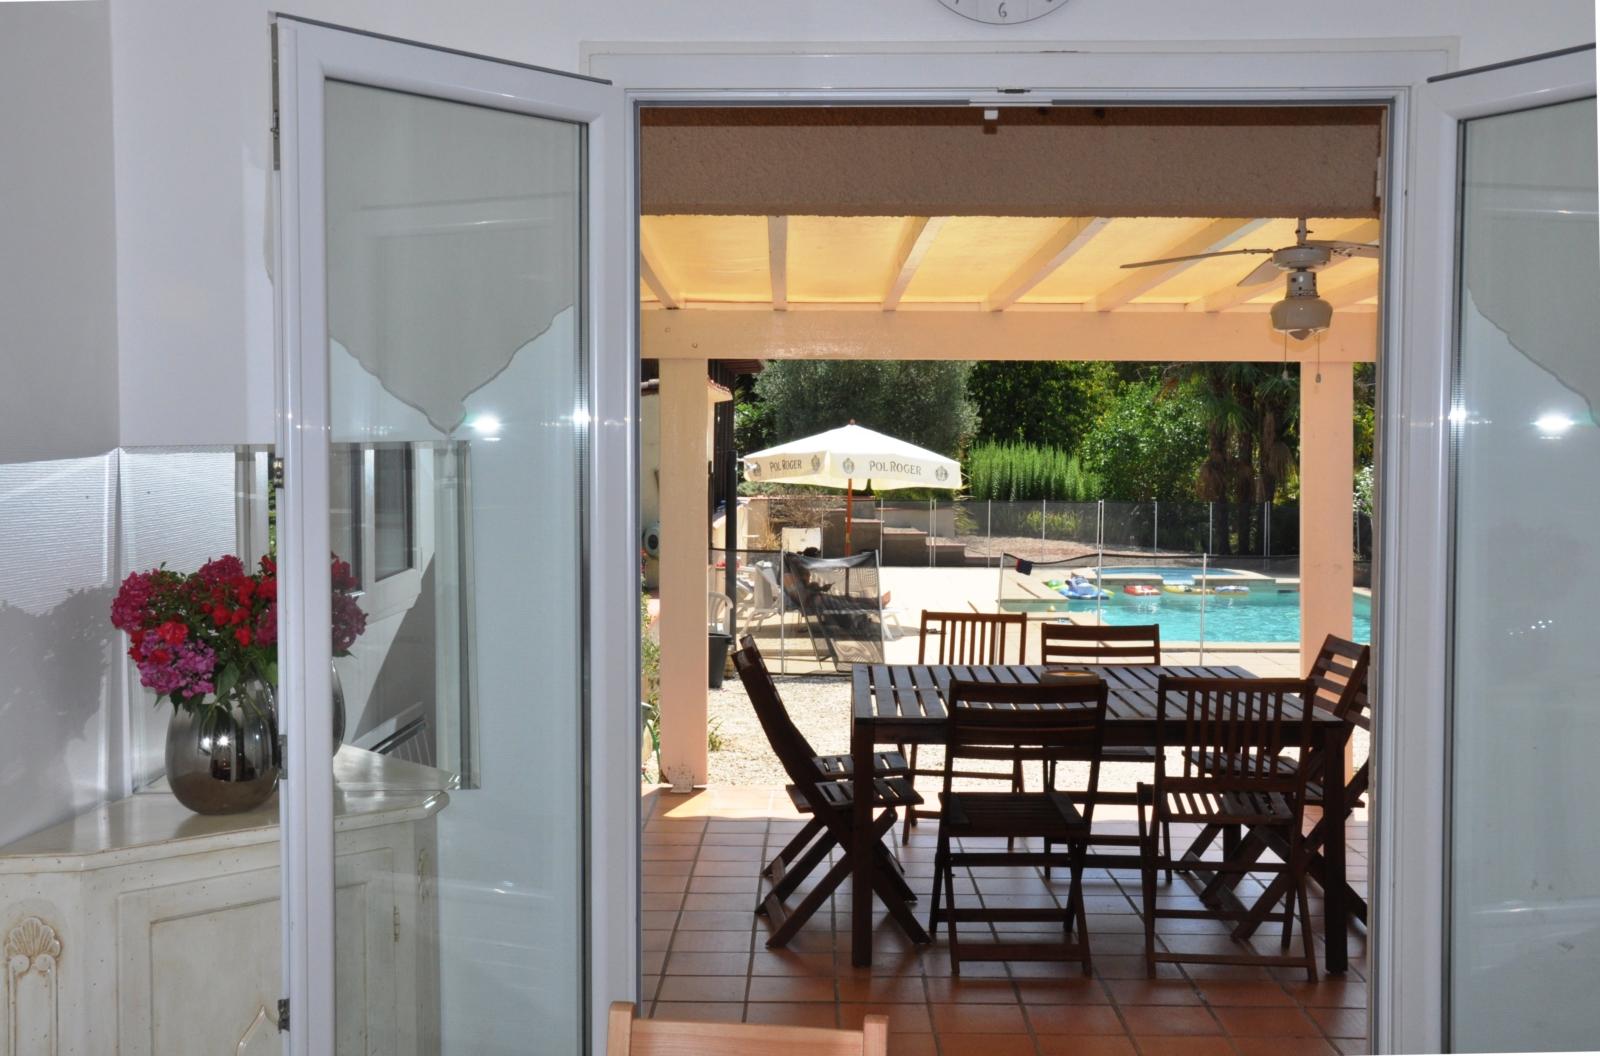 La cuisine ouvre sur une terrasse et la vue sur la piscine